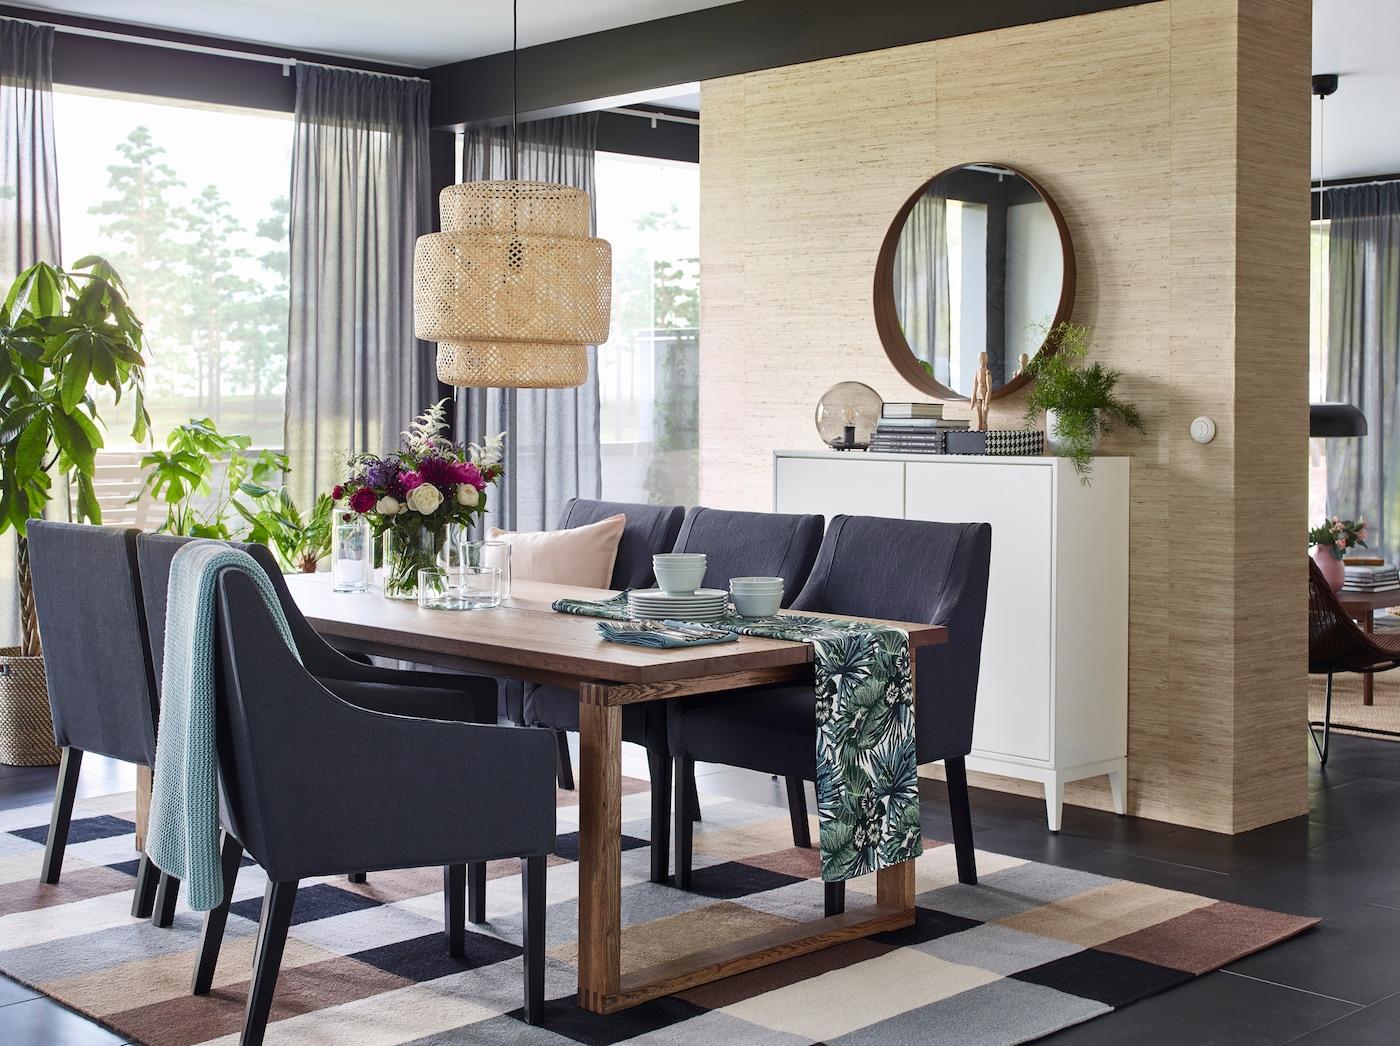 Crie um espaço de refeição com um tema natural, colocando o tecido TORGET em tons verdes sobre a mesa e o candeeiro de teto SINNERLIG feito em bambu, um material natural.